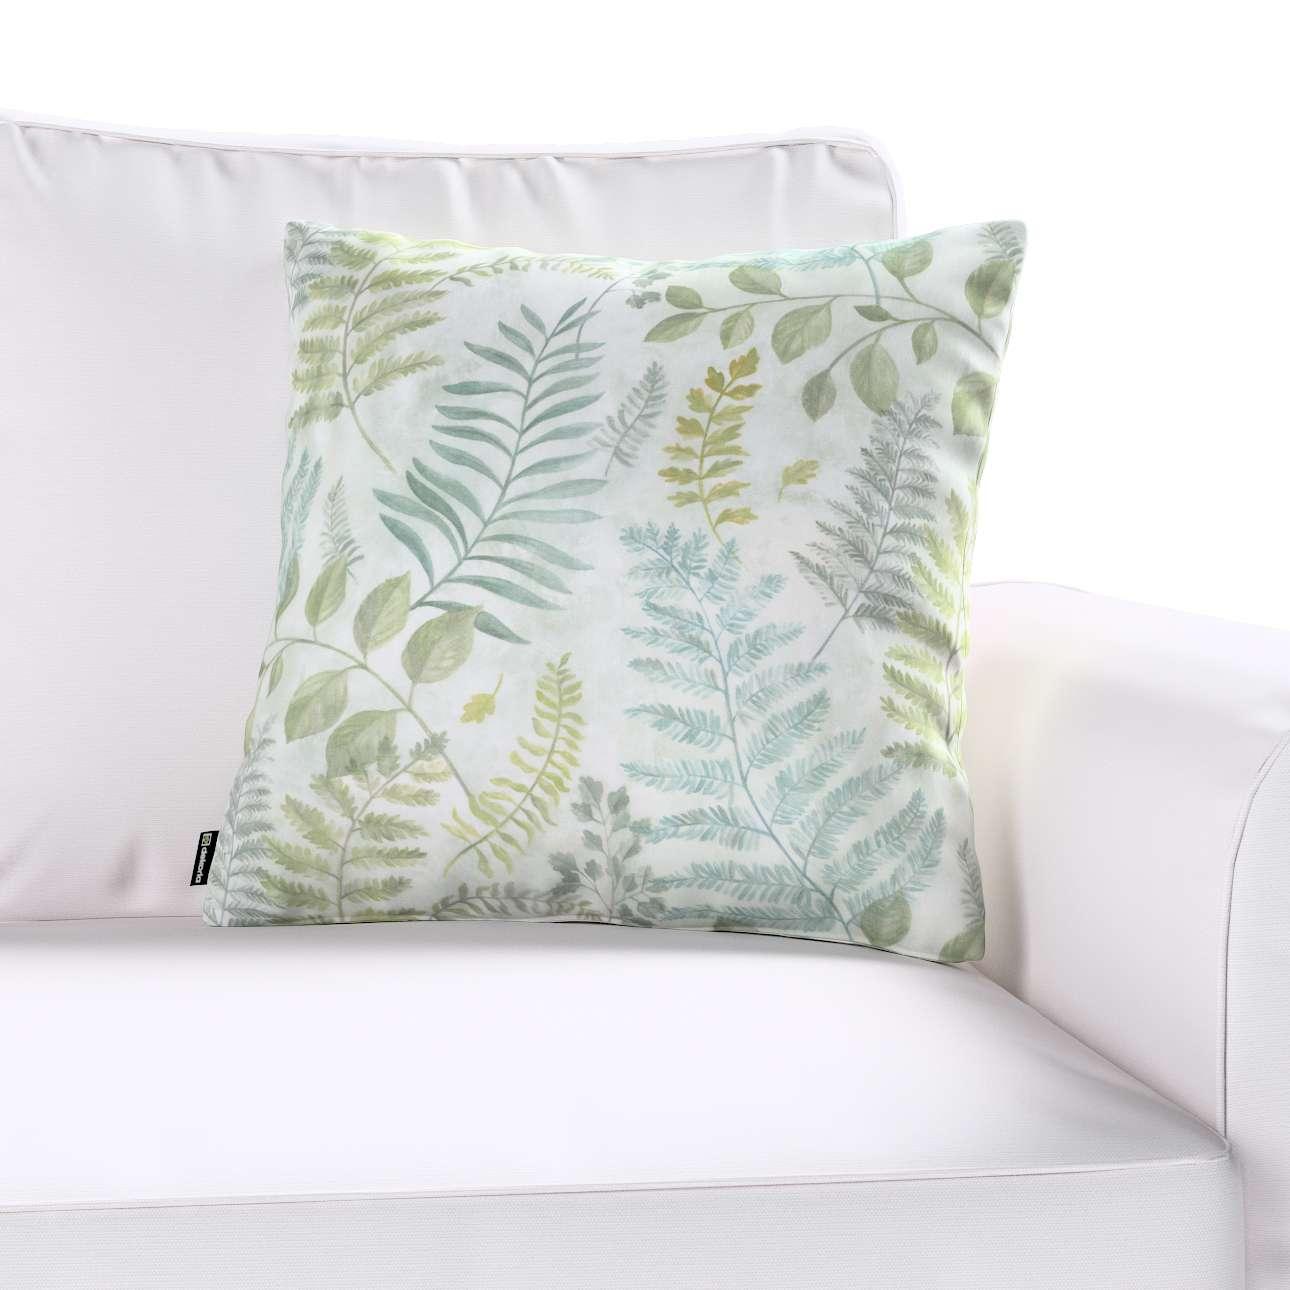 Poszewka Kinga na poduszkę w kolekcji Pastel Forest, tkanina: 142-46